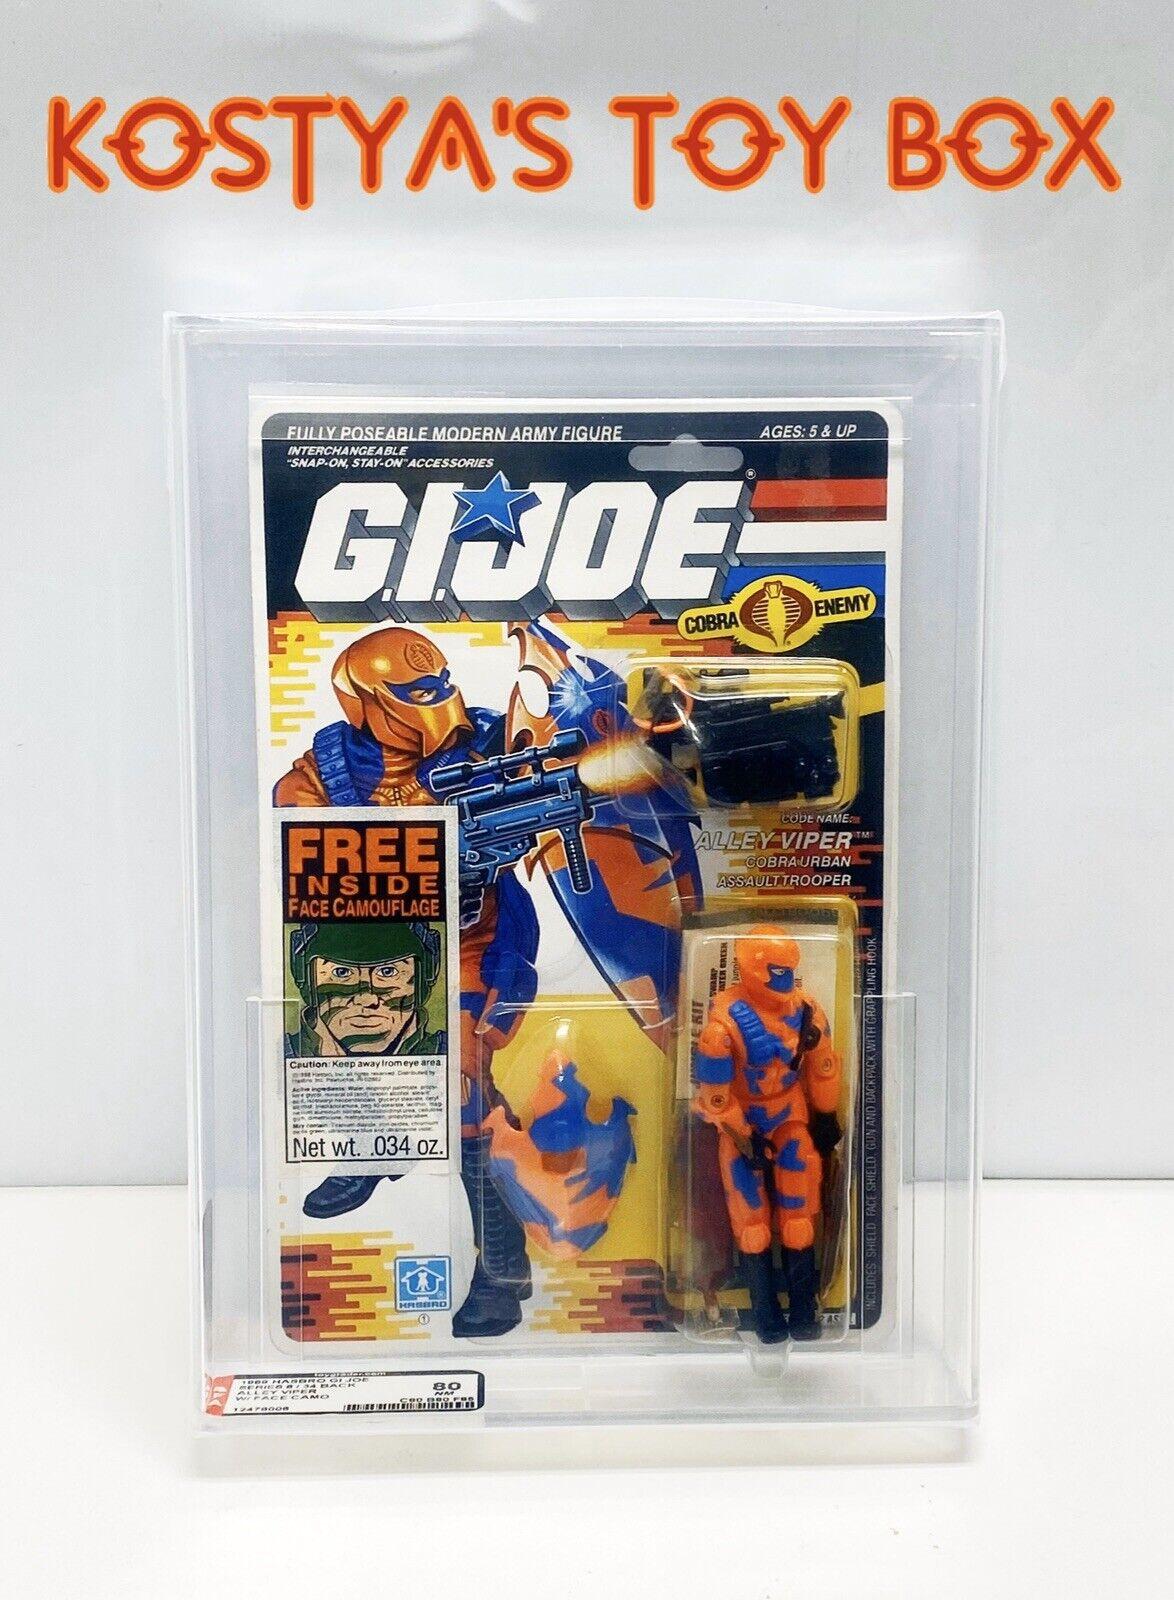 GI Joe Cobra ALLEY-VIPER 1989 MOC AFA Hasbro Vintage AFA Graded 80 Action Figure